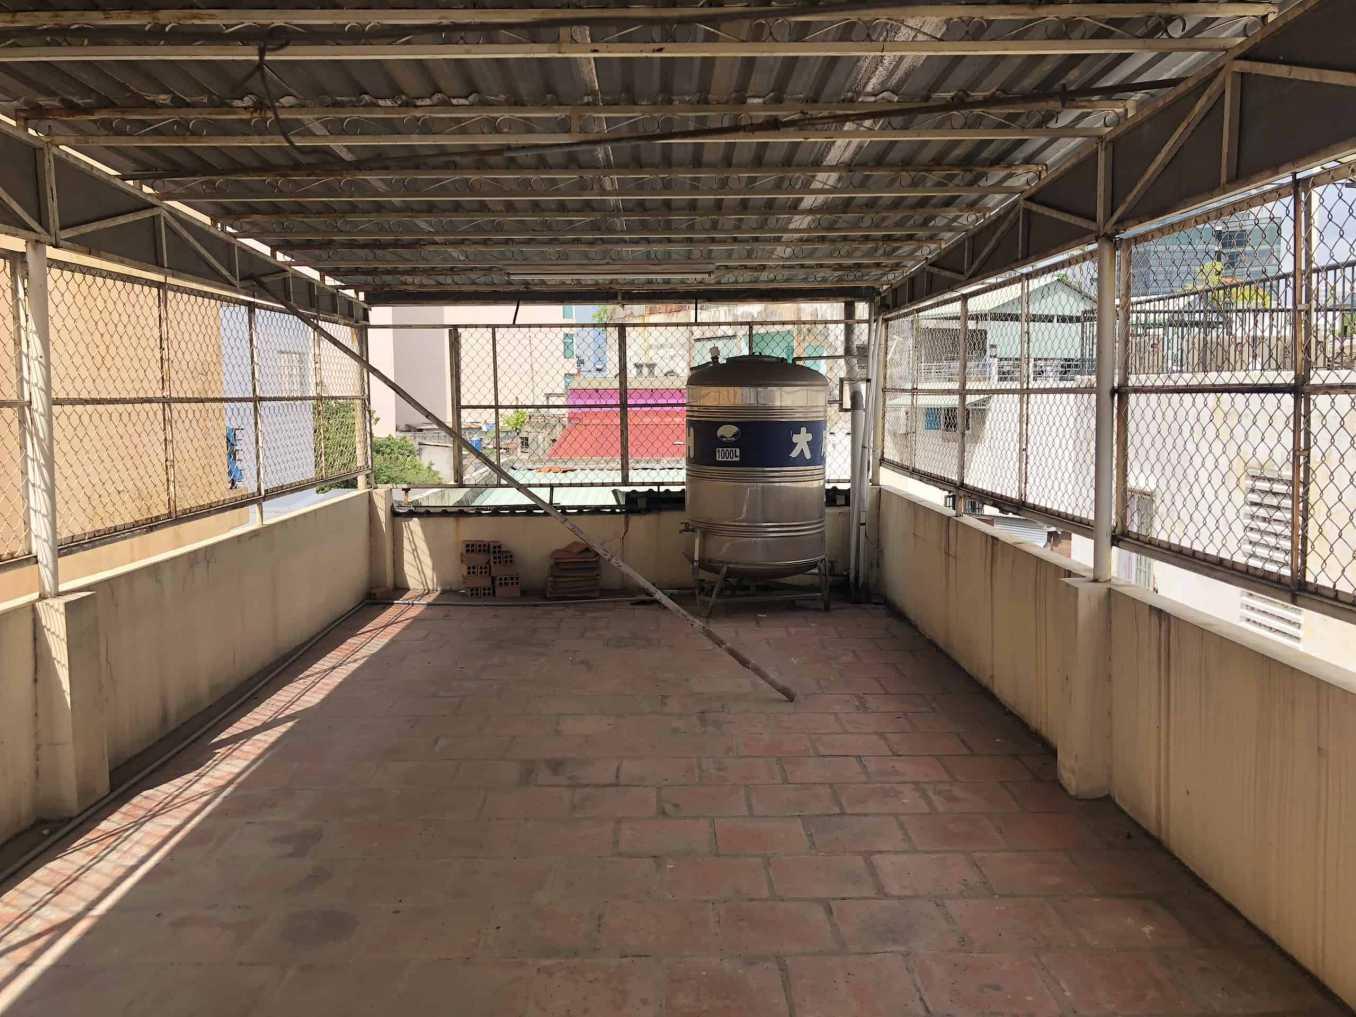 Đo vẽ hiện trạng, cải tạo căn hộ cho thuê Airbnb đường Mai Thị Lựu trước khi cải tạo 5